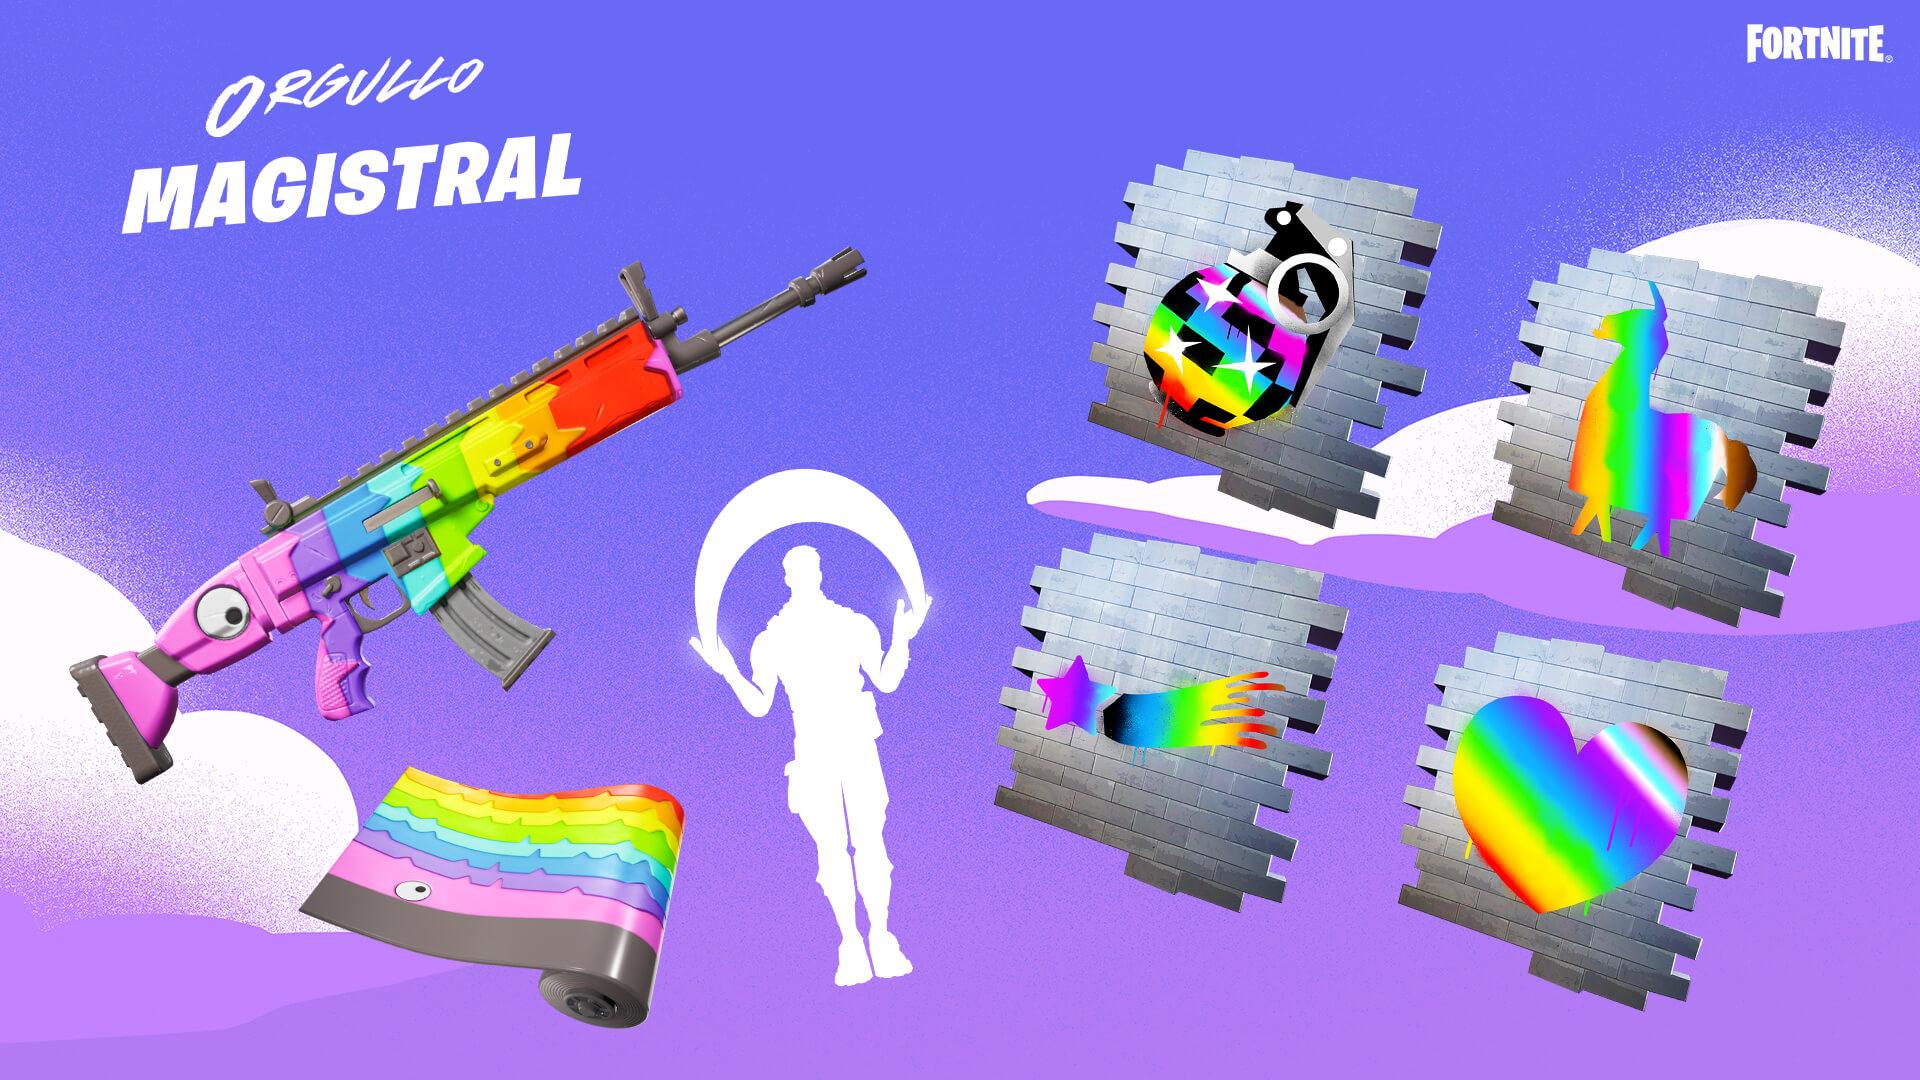 ES ES 17BR RainbowRoyale Rewards Social